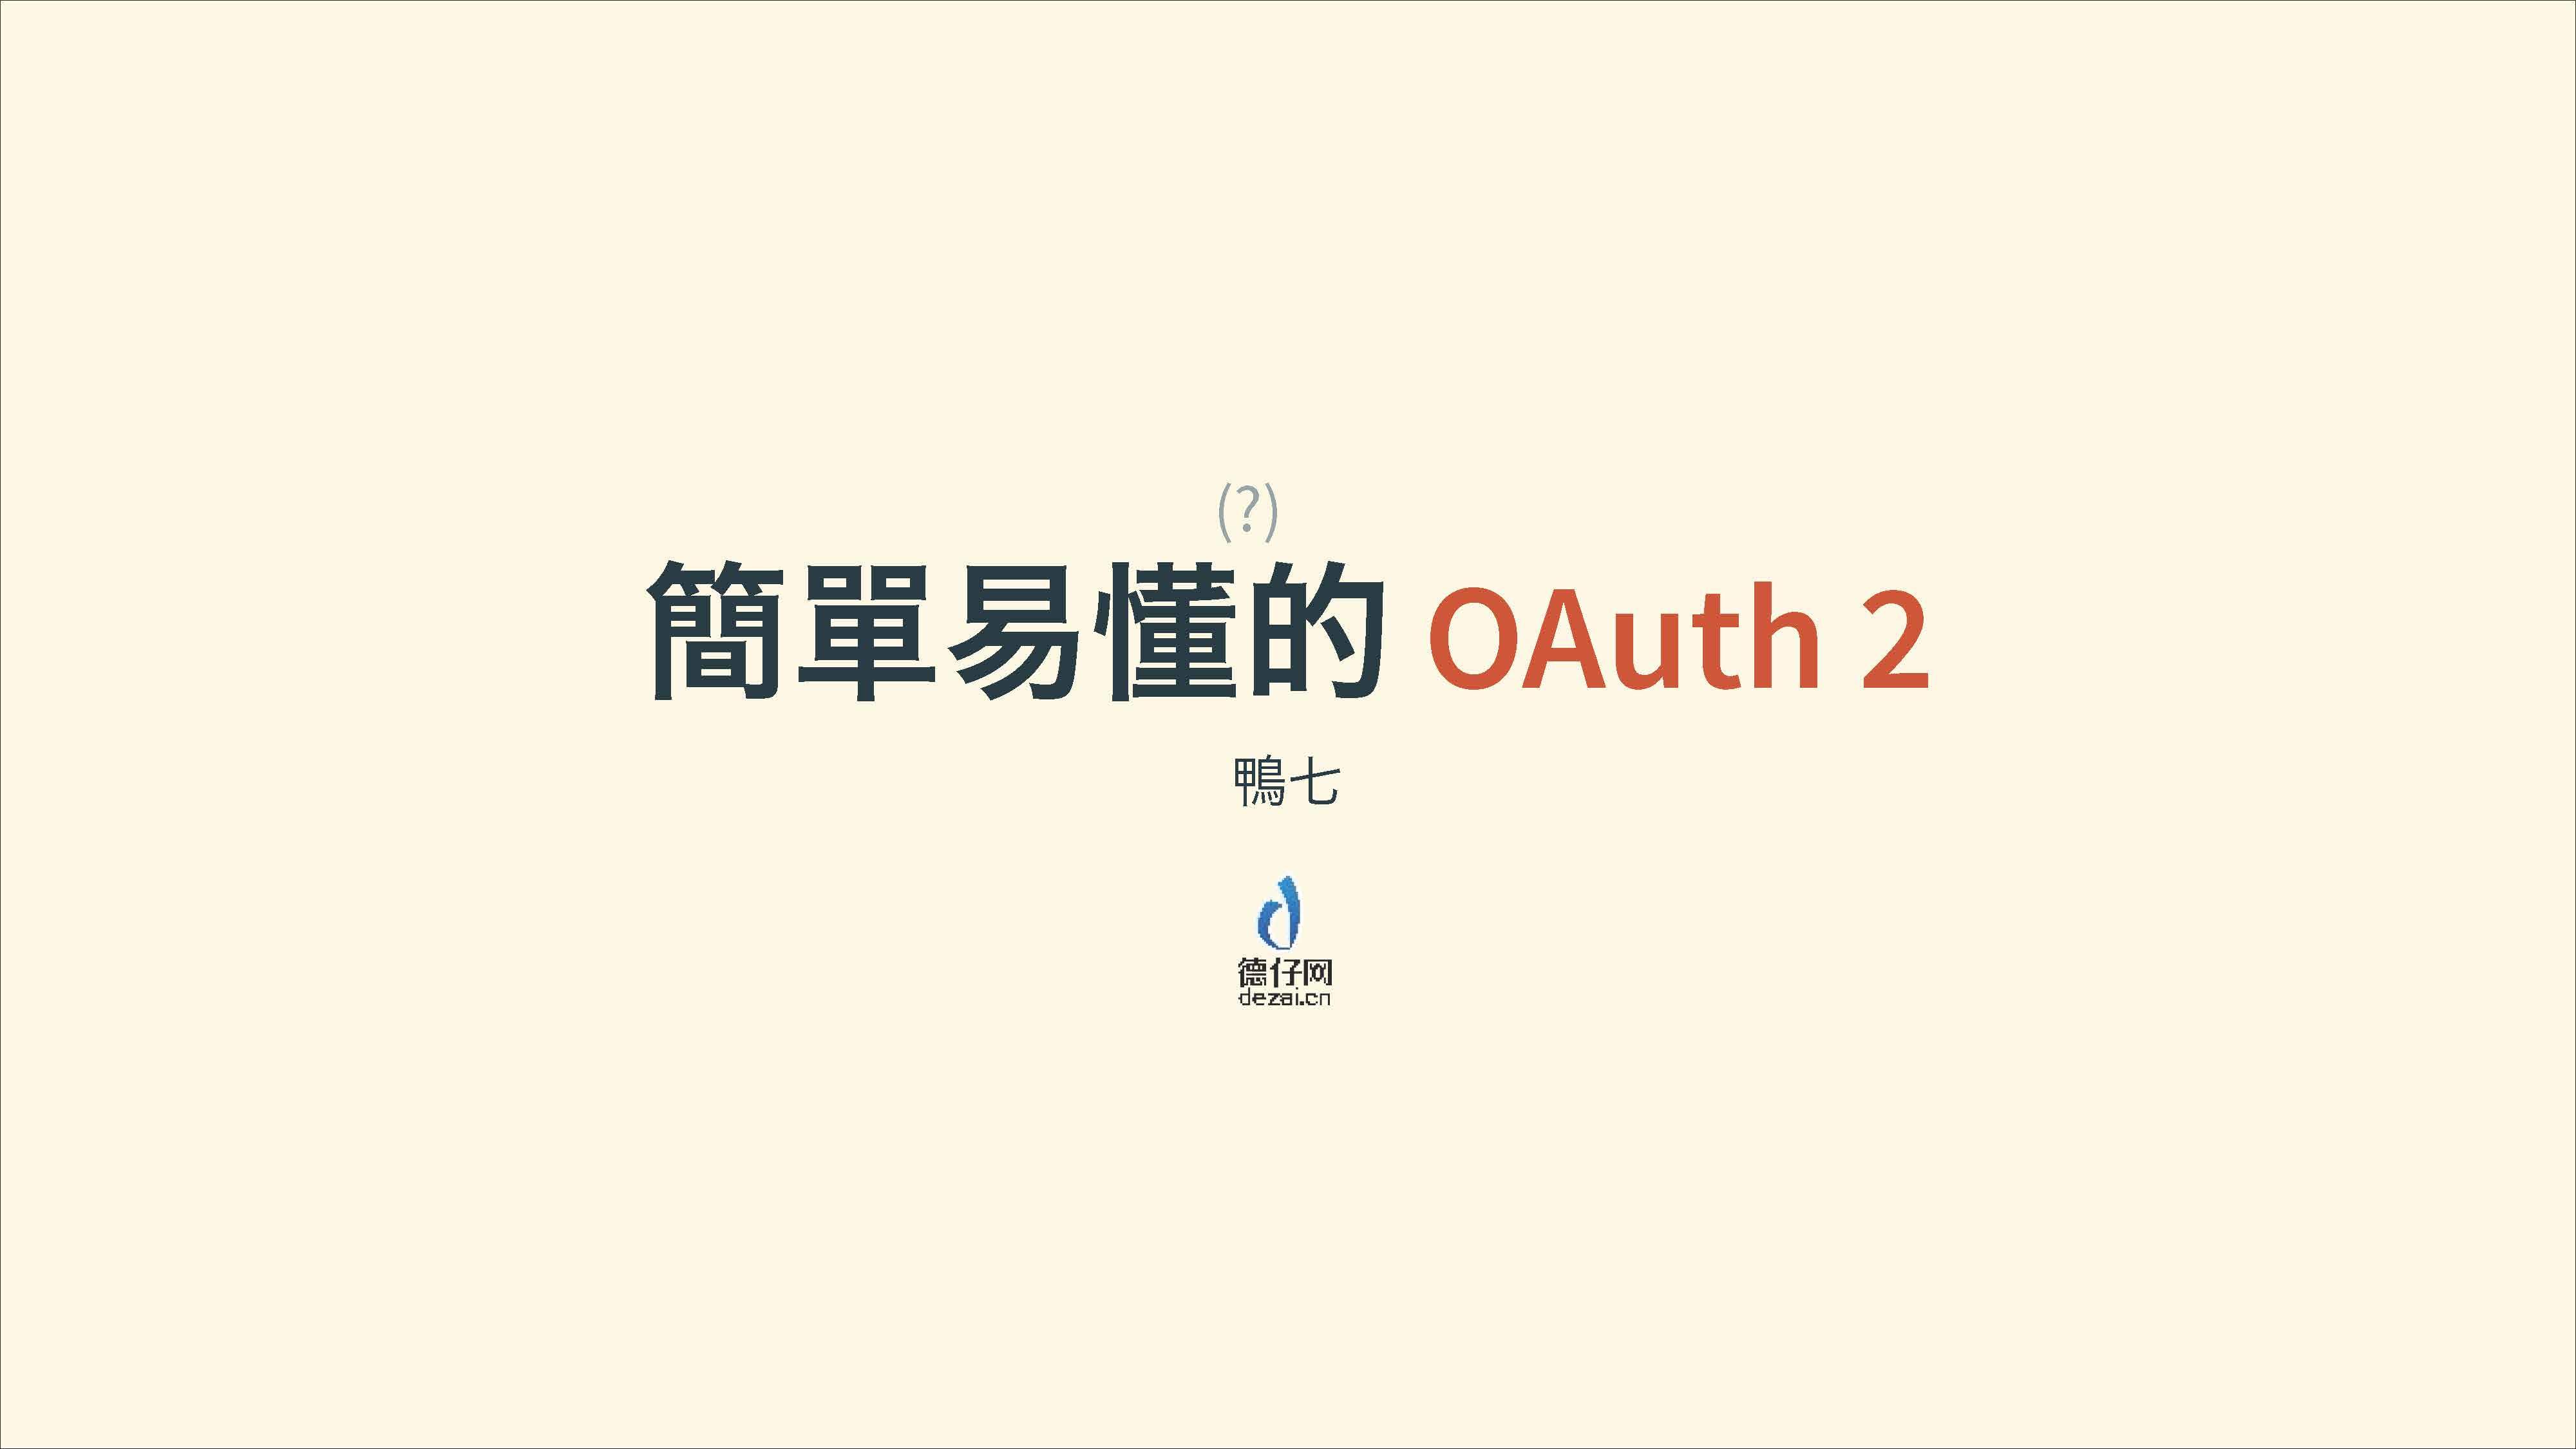 鴨七-簡單易懂的 OAuth 2.0